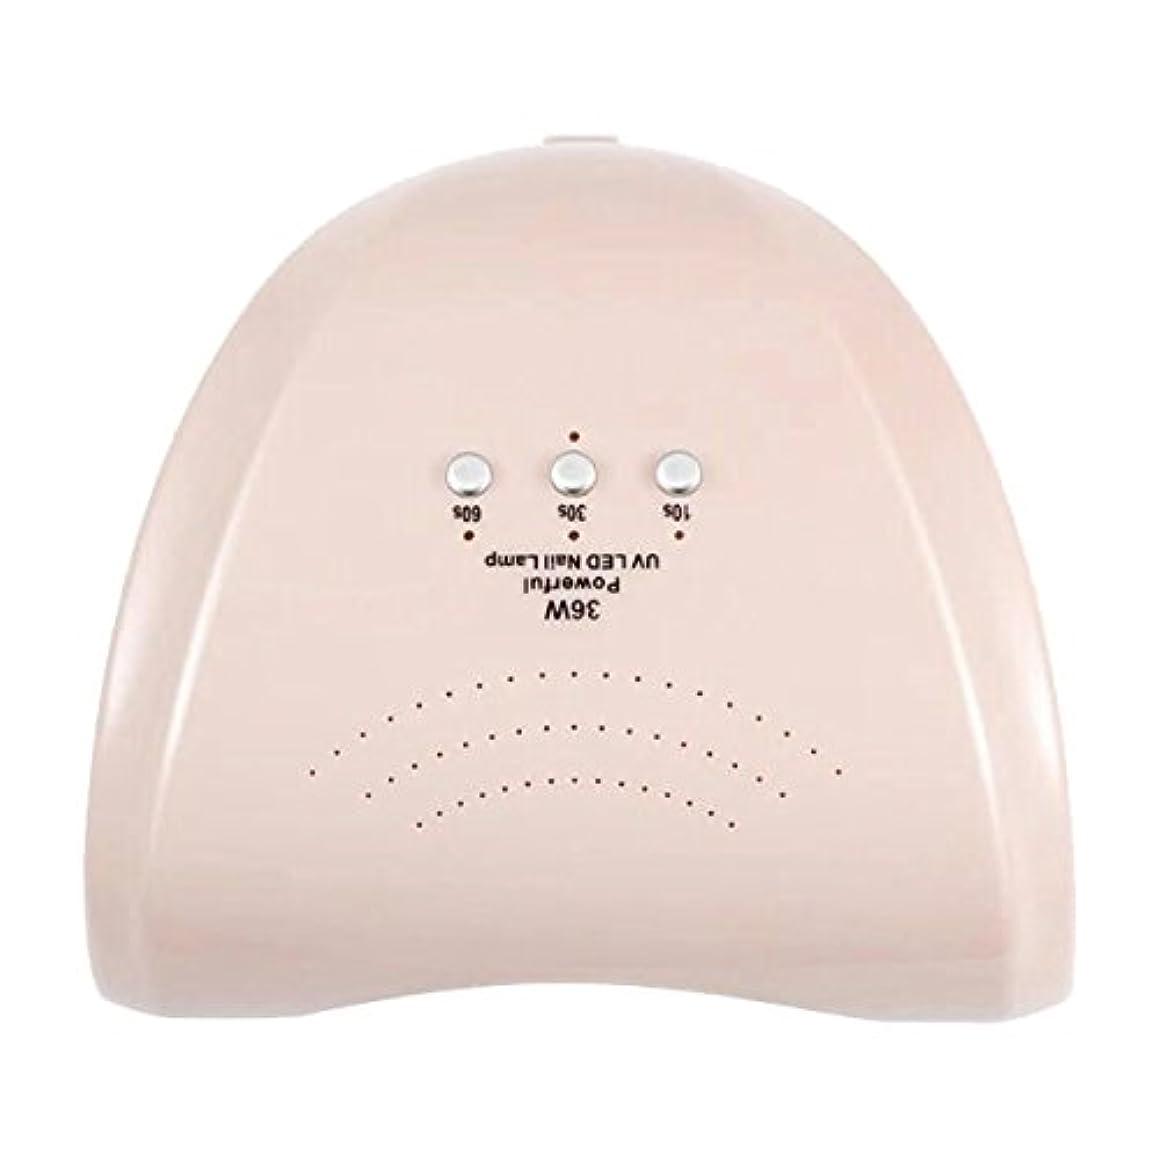 靴下判定ホールドLa Curie 36W LED&UVネイルライト CCFL不使用 自動センサー ジェルネイル レジン 6ヶ月保証&日本語説明書&プロネイリスト監修ネイルレシピ付き 全9色 (パールピンク) LaCurie004